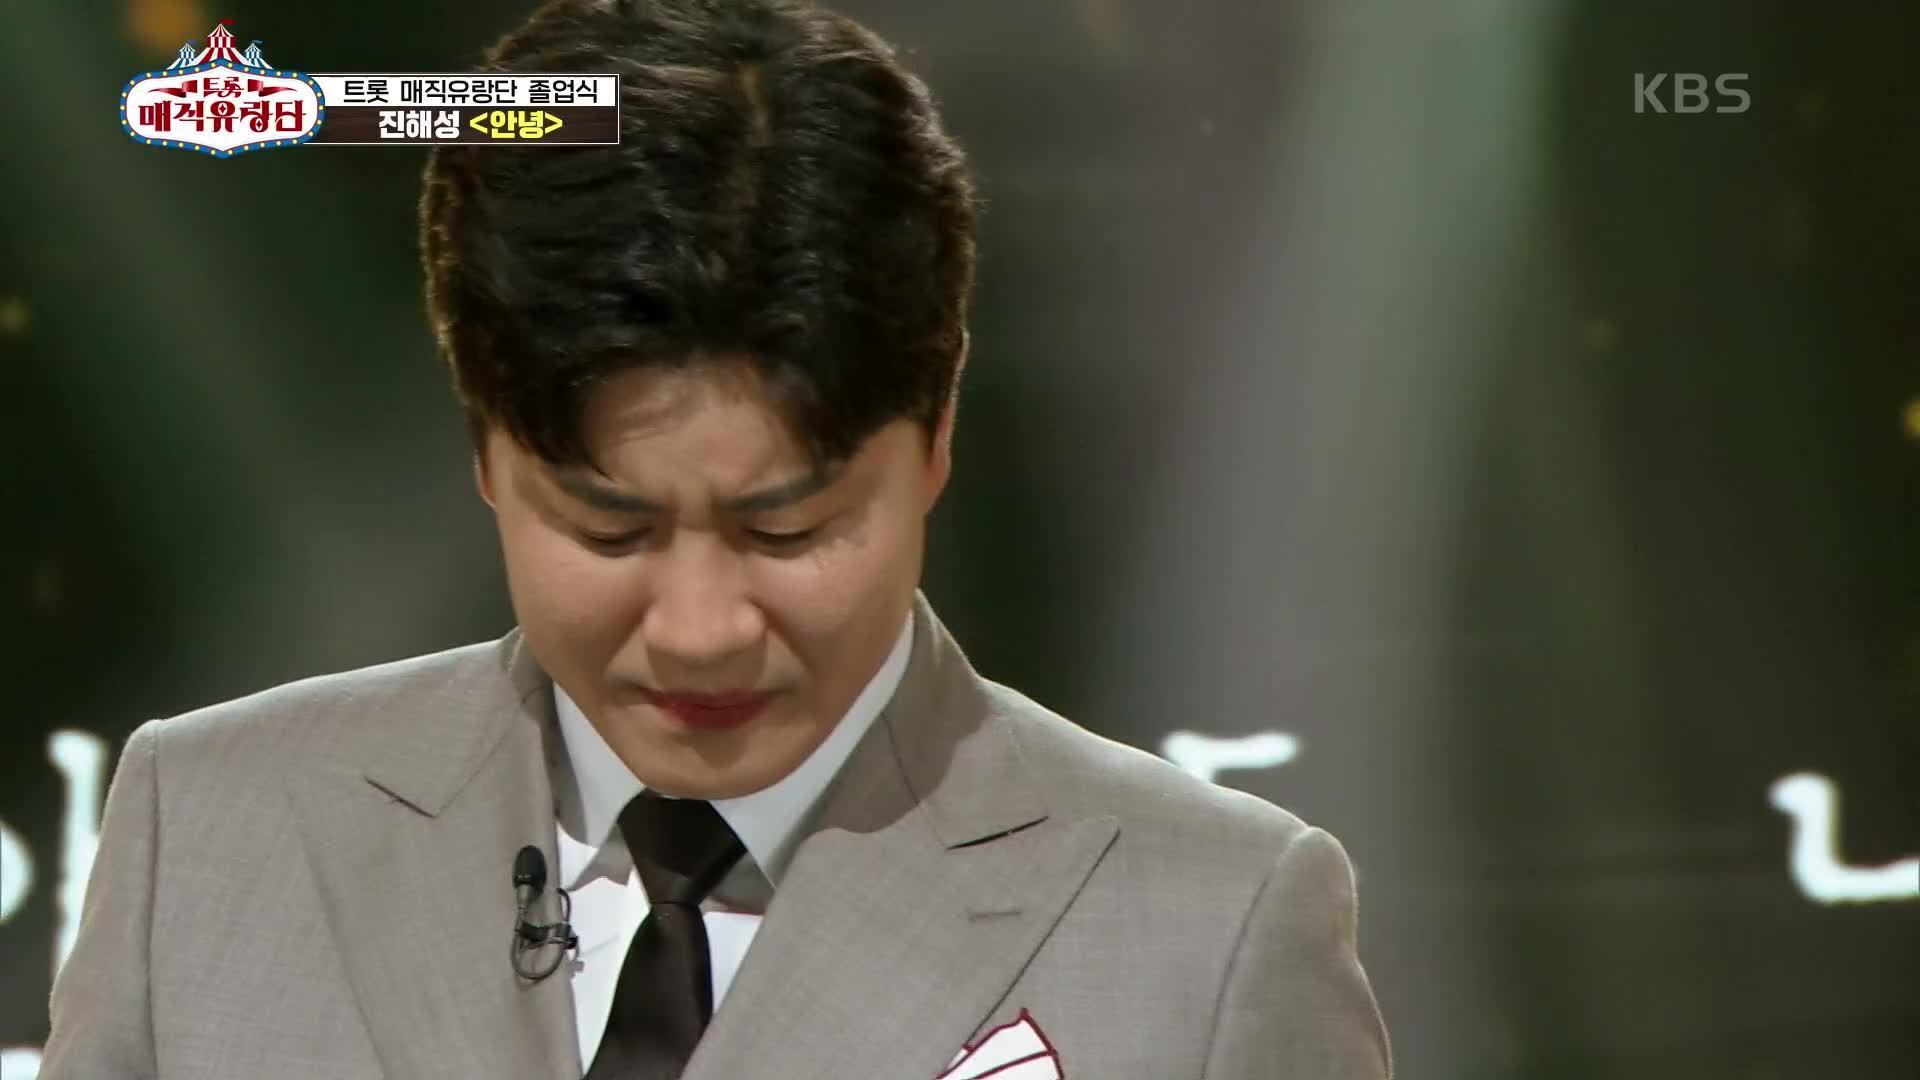 아쉬운 맘을 달래는 마지막 무대ㅠㅠ '진해성 - 안녕'   KBS 210724 방송